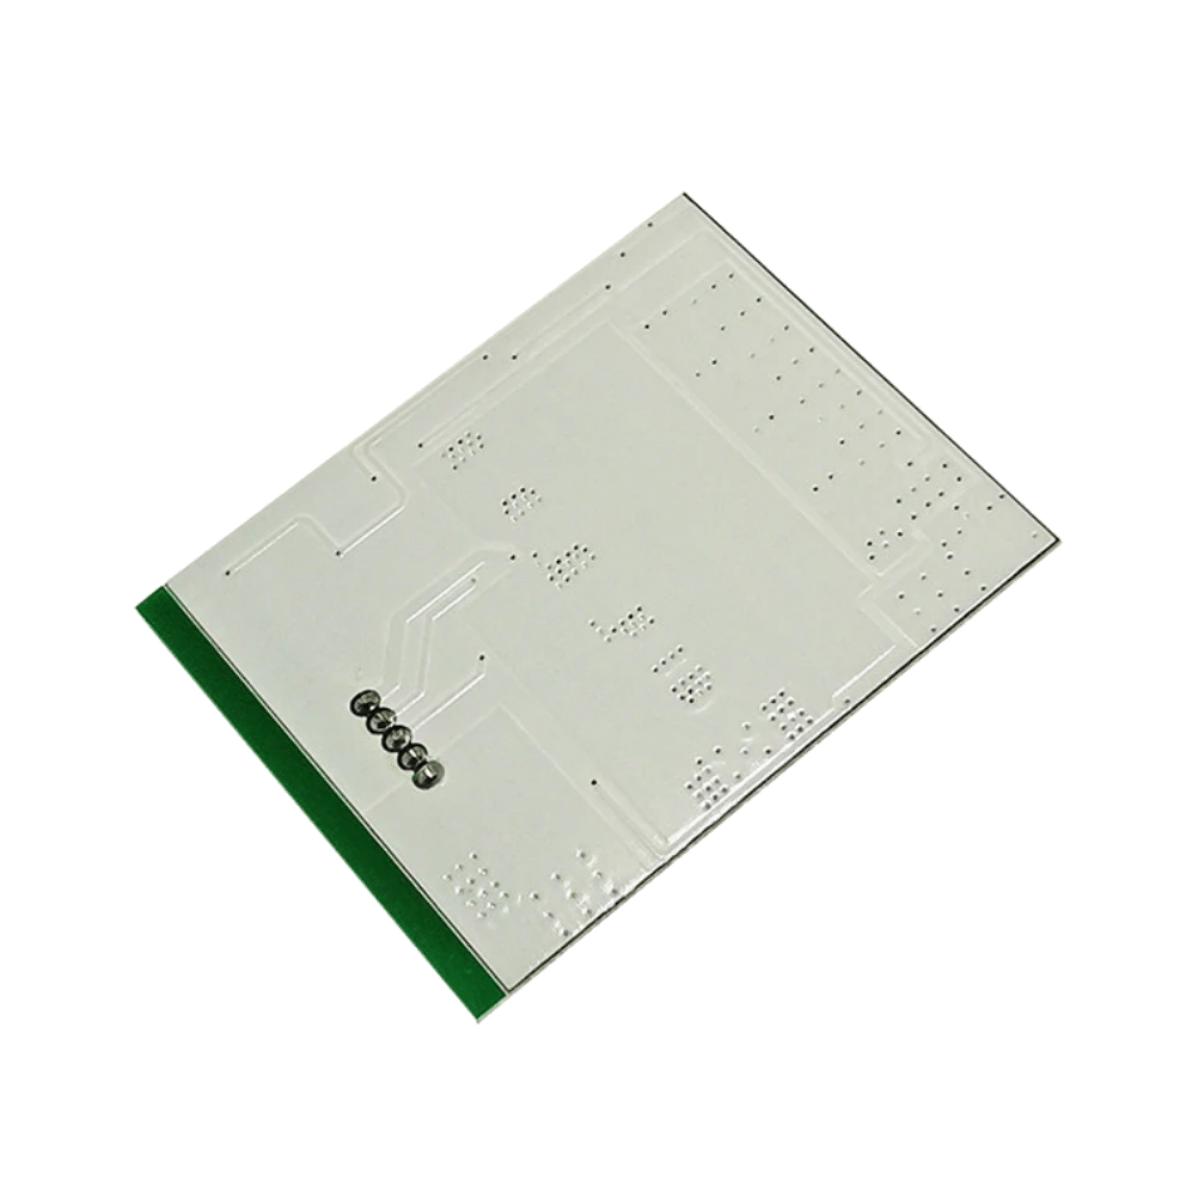 5x Placa Proteção e Carregamento Baterias Litio BMS 4S 30A 14,8v